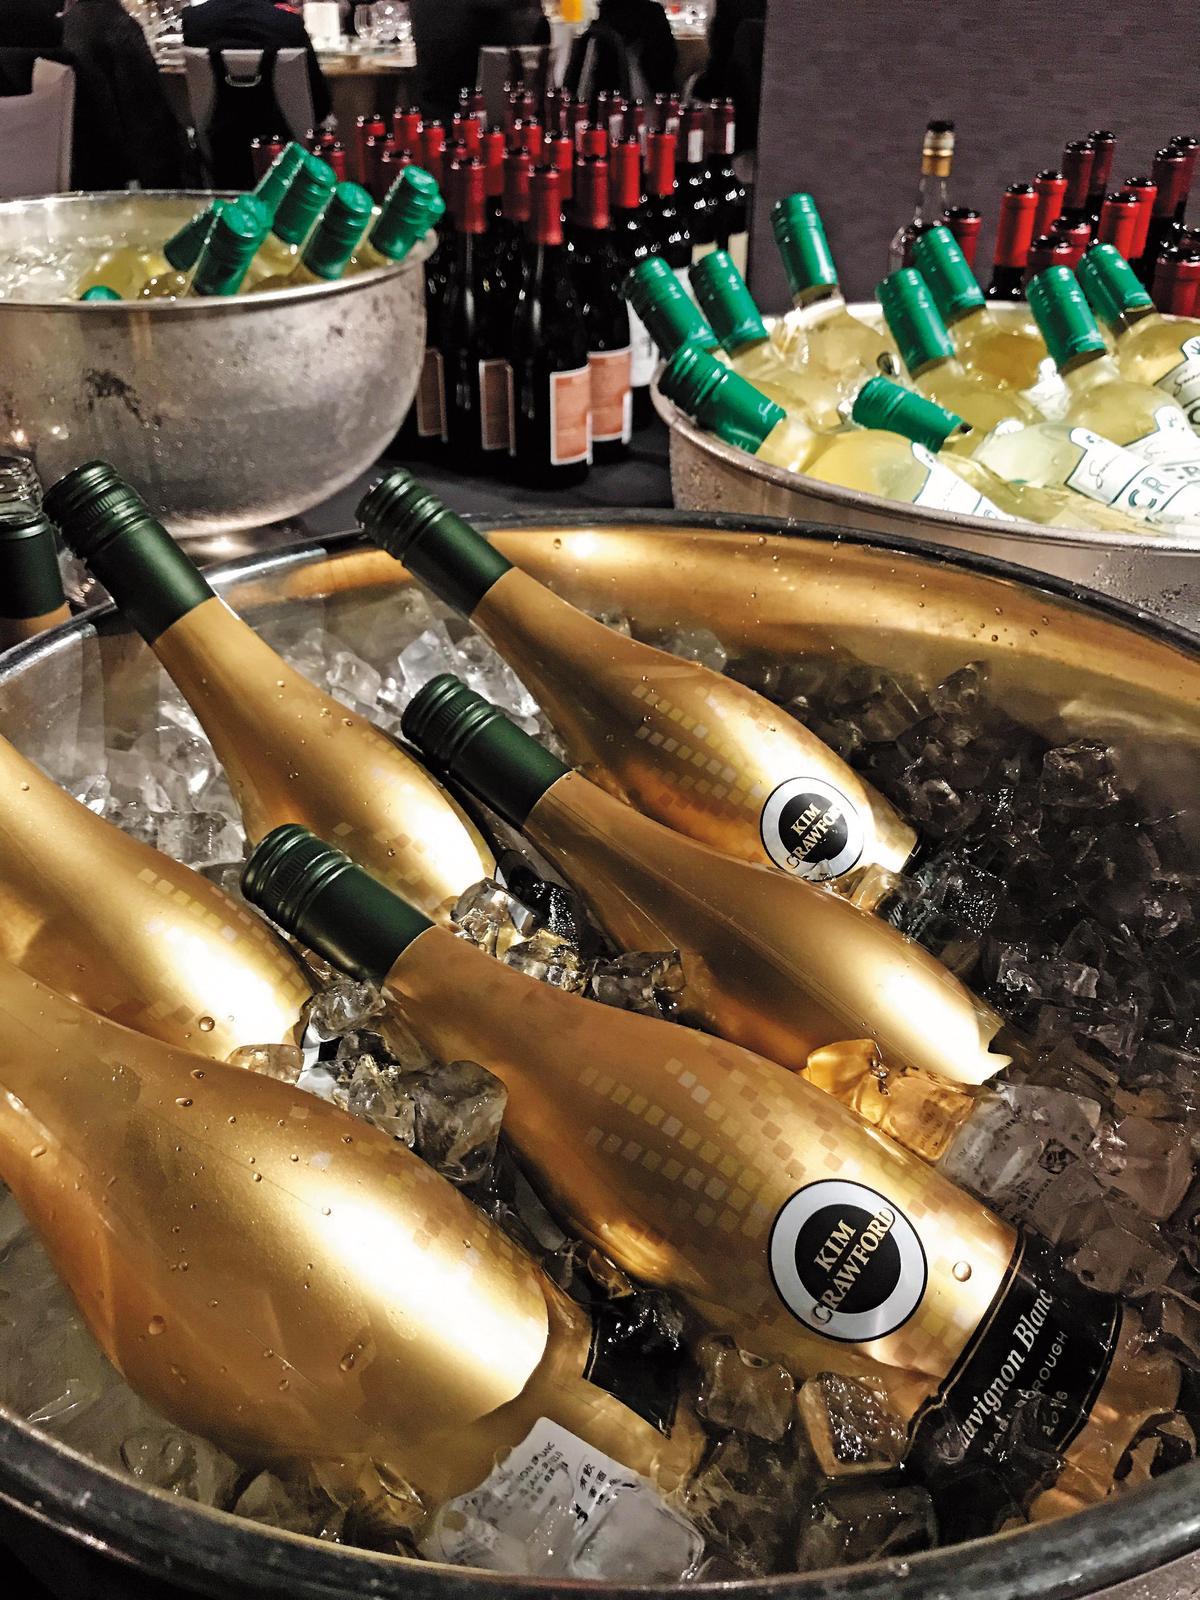 賣酒就不怕人喝,號稱台灣葡萄酒每賣出七瓶就有一瓶星坊的,春酒當天招待賓客的酒真可謂「軍容壯盛」。